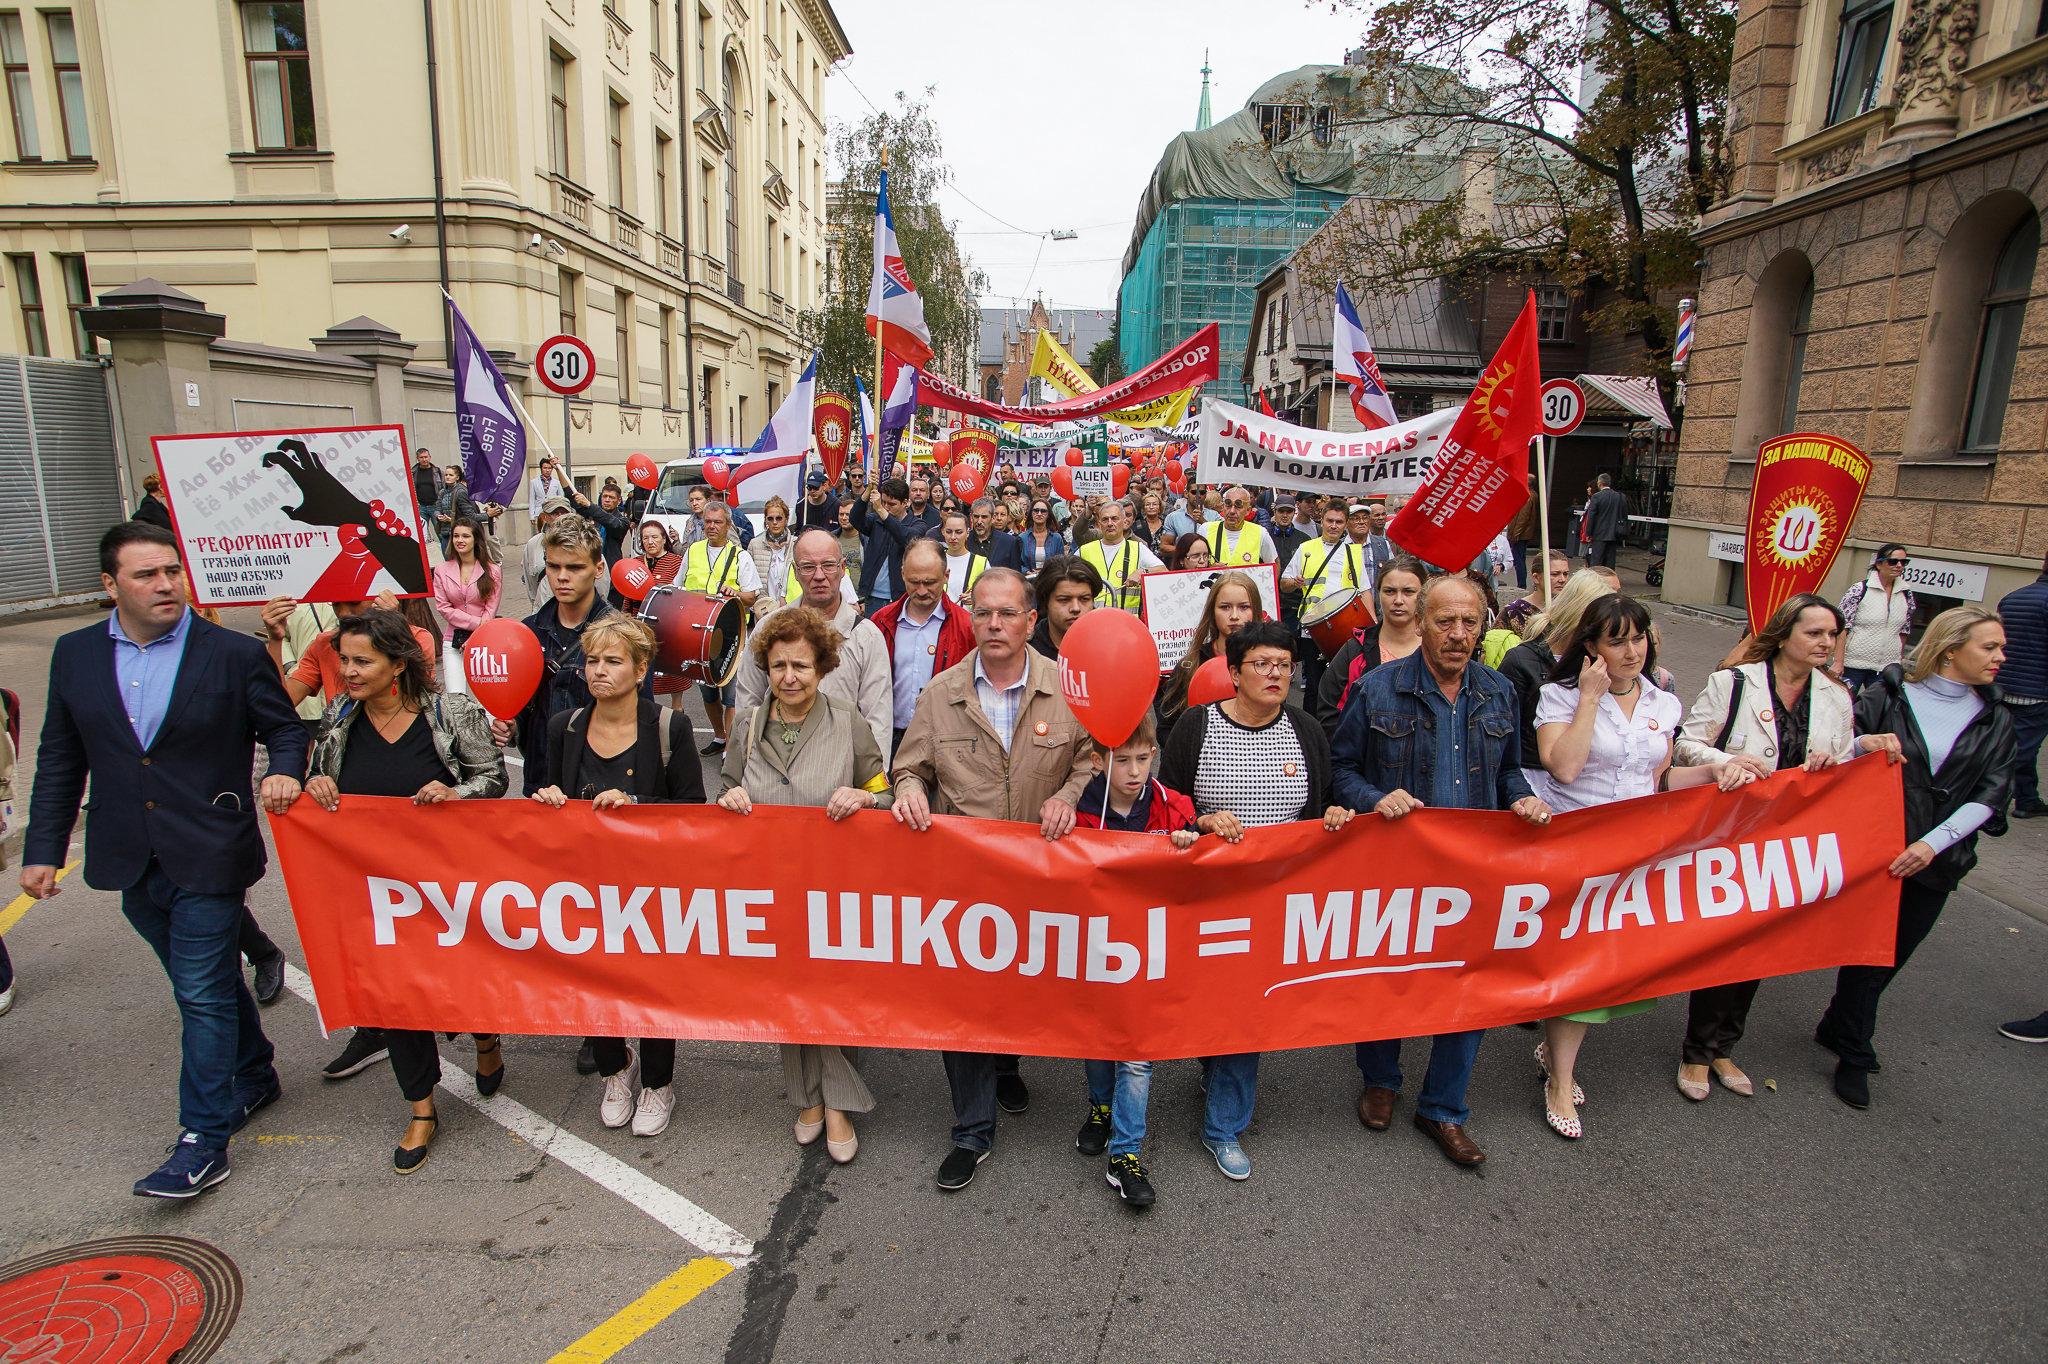 Марш за русские школы в Риге, 15 сентября 2018